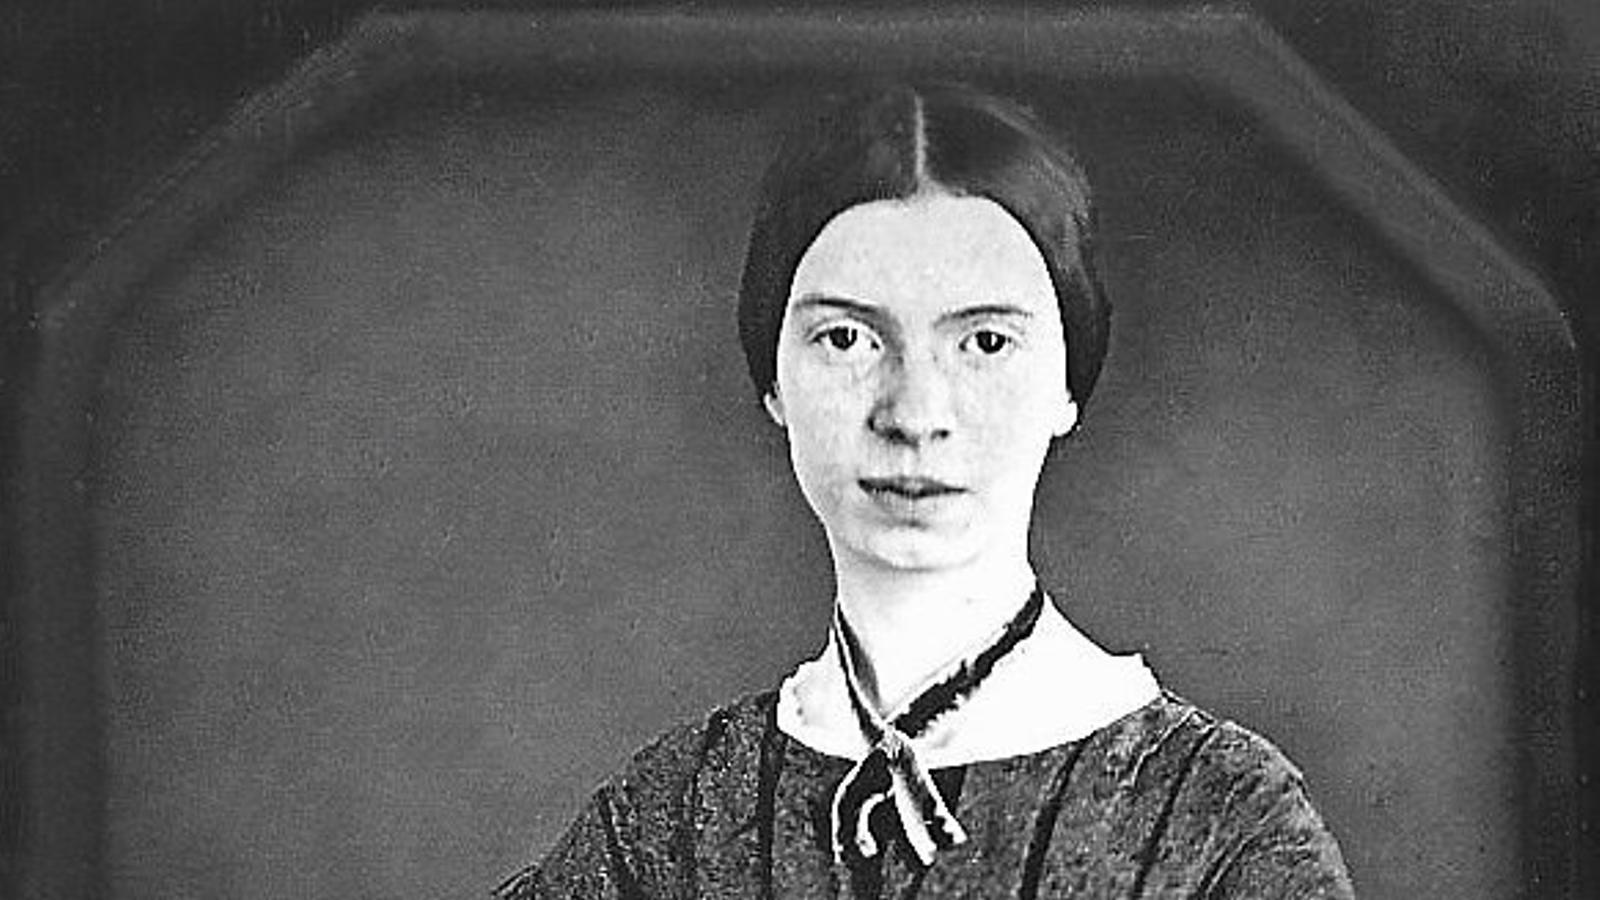 01. L'únic daguerrotip conservat d'Emily Dickinson data de 1846 o 1847, quan la poeta encara no havia fet 18 anys. 02. El traductor Marcel Riera.